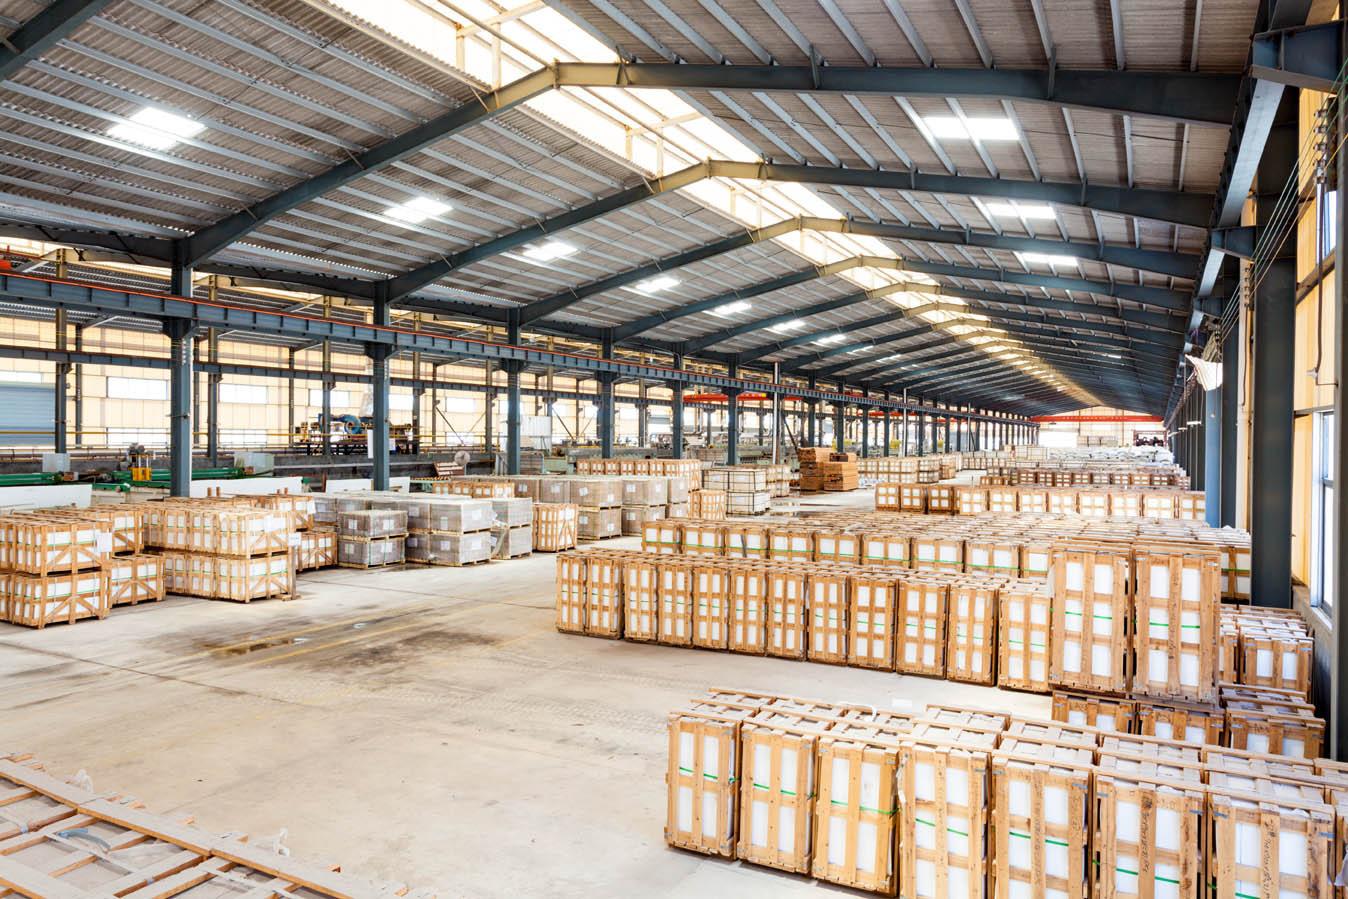 Best 5 Warehouse Design Ideas  Worldbuild365